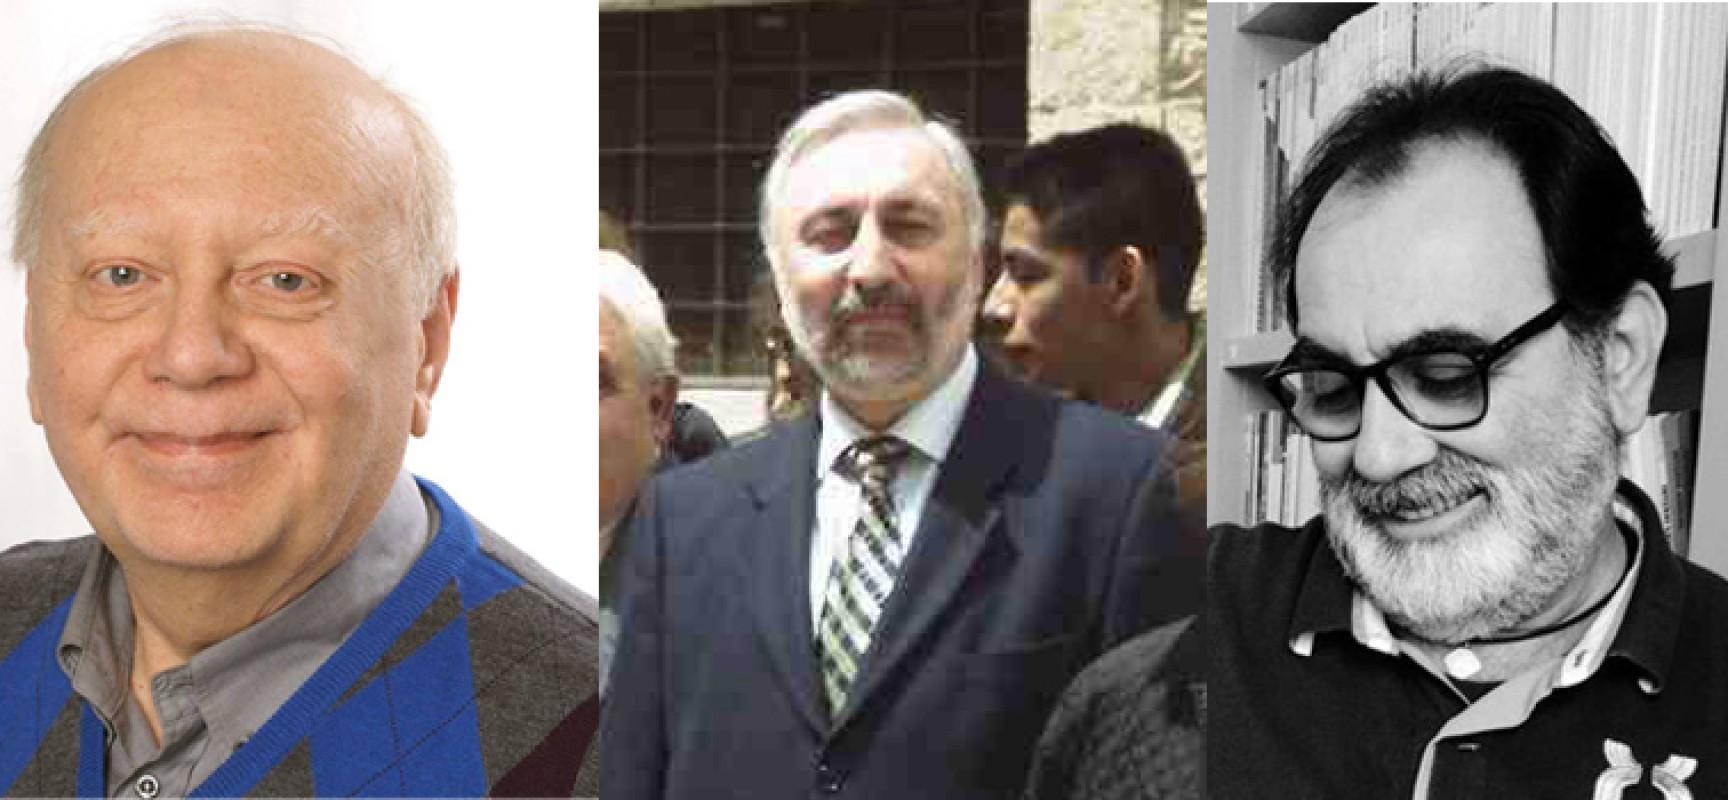 Fontana, De Pinto e Todisco nominati presidenti delle tre Consulte dal sindaco Spina / DETTAGLI